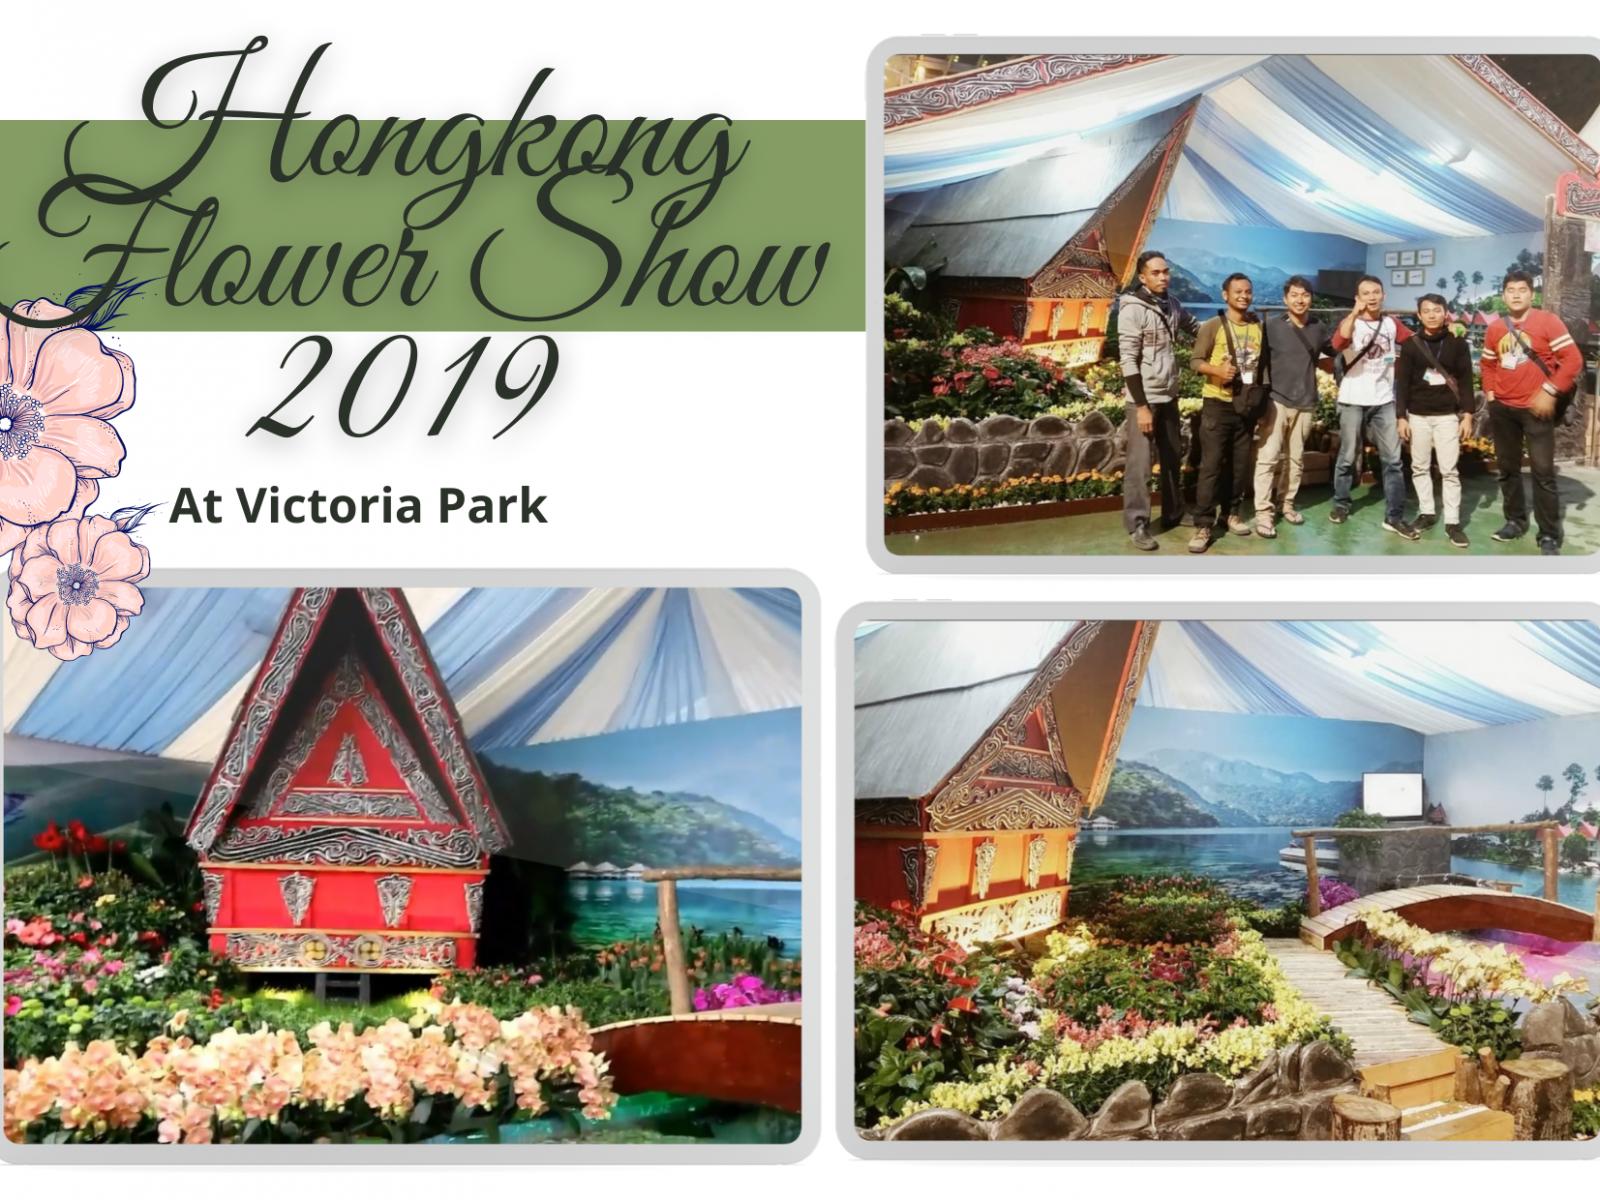 Kembali Dipercaya Mengerjakan Both Indonesia dalam event Hongkong Flower Show 2019. Dan kembali mendapatkan penghargaan #First Place di event tersebut.